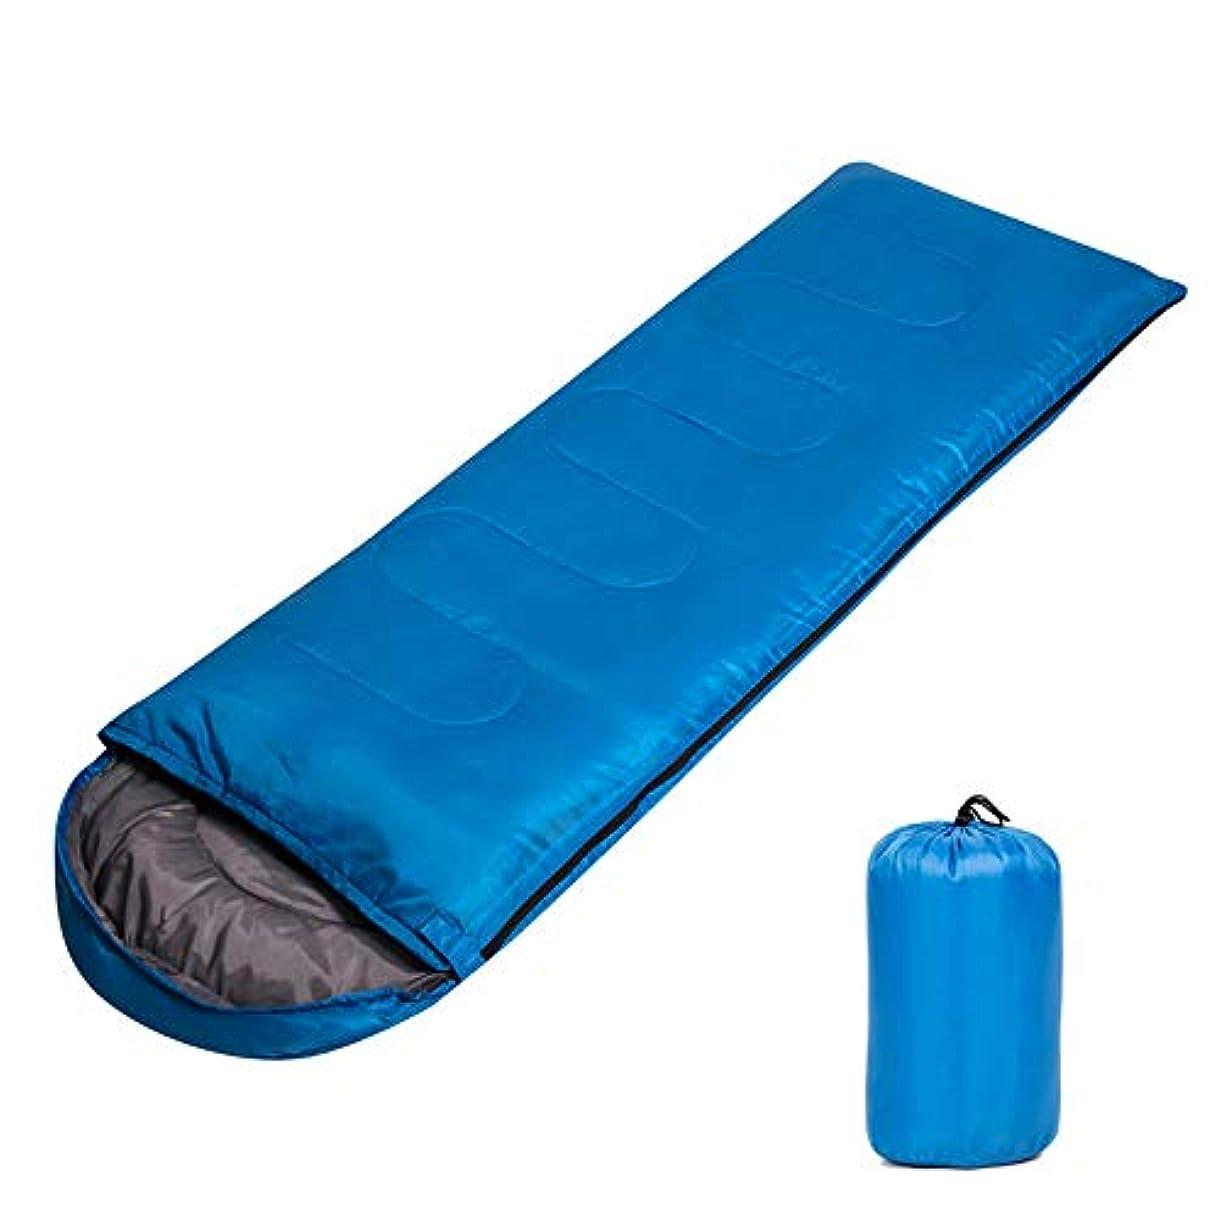 下ホラー美徳3シーズンシングルダブル缶寝袋大人屋外超軽量ランチブレイク旅行キャンプ防水防湿寝袋